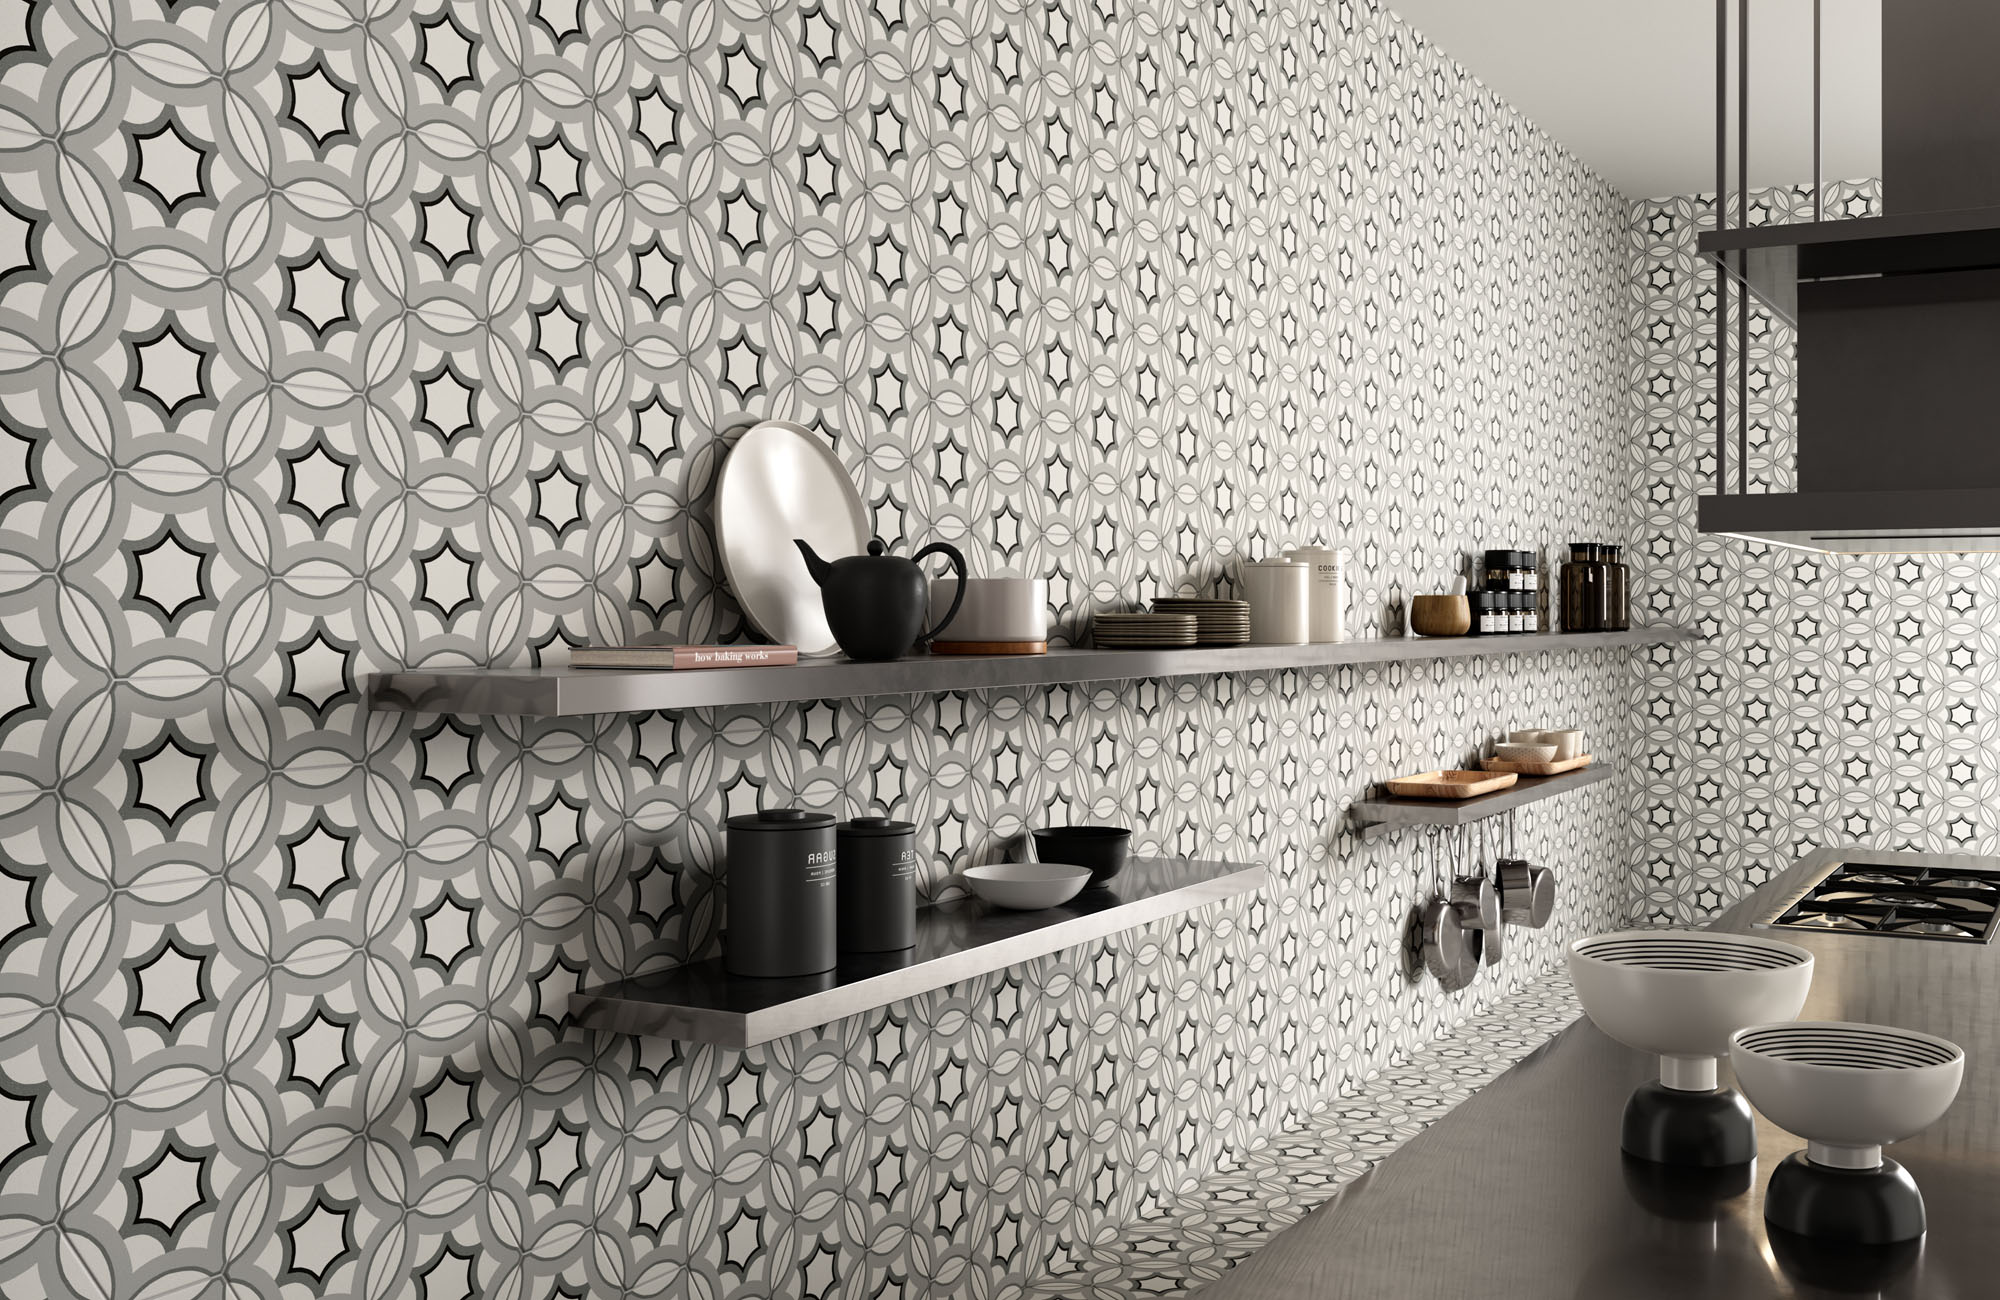 rendering di cucina con rivestimento murale di piastrelle esagonali decorative e mensole con oggetti